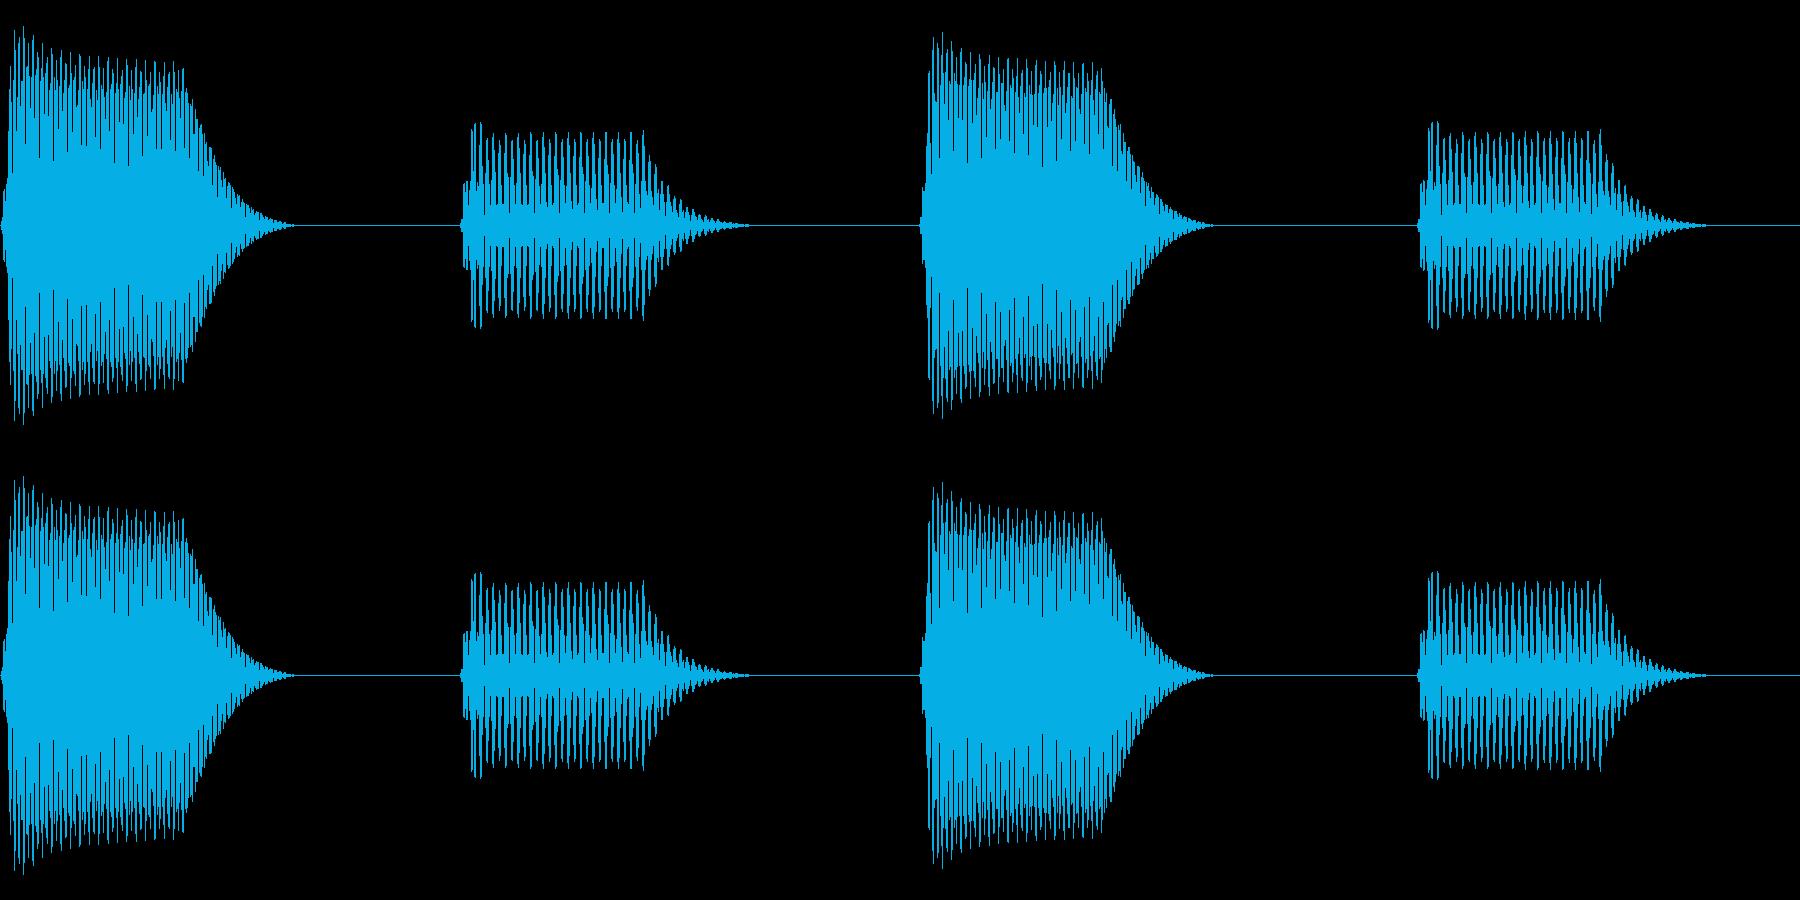 往年のRPG風 コマンド音 シリーズ14の再生済みの波形